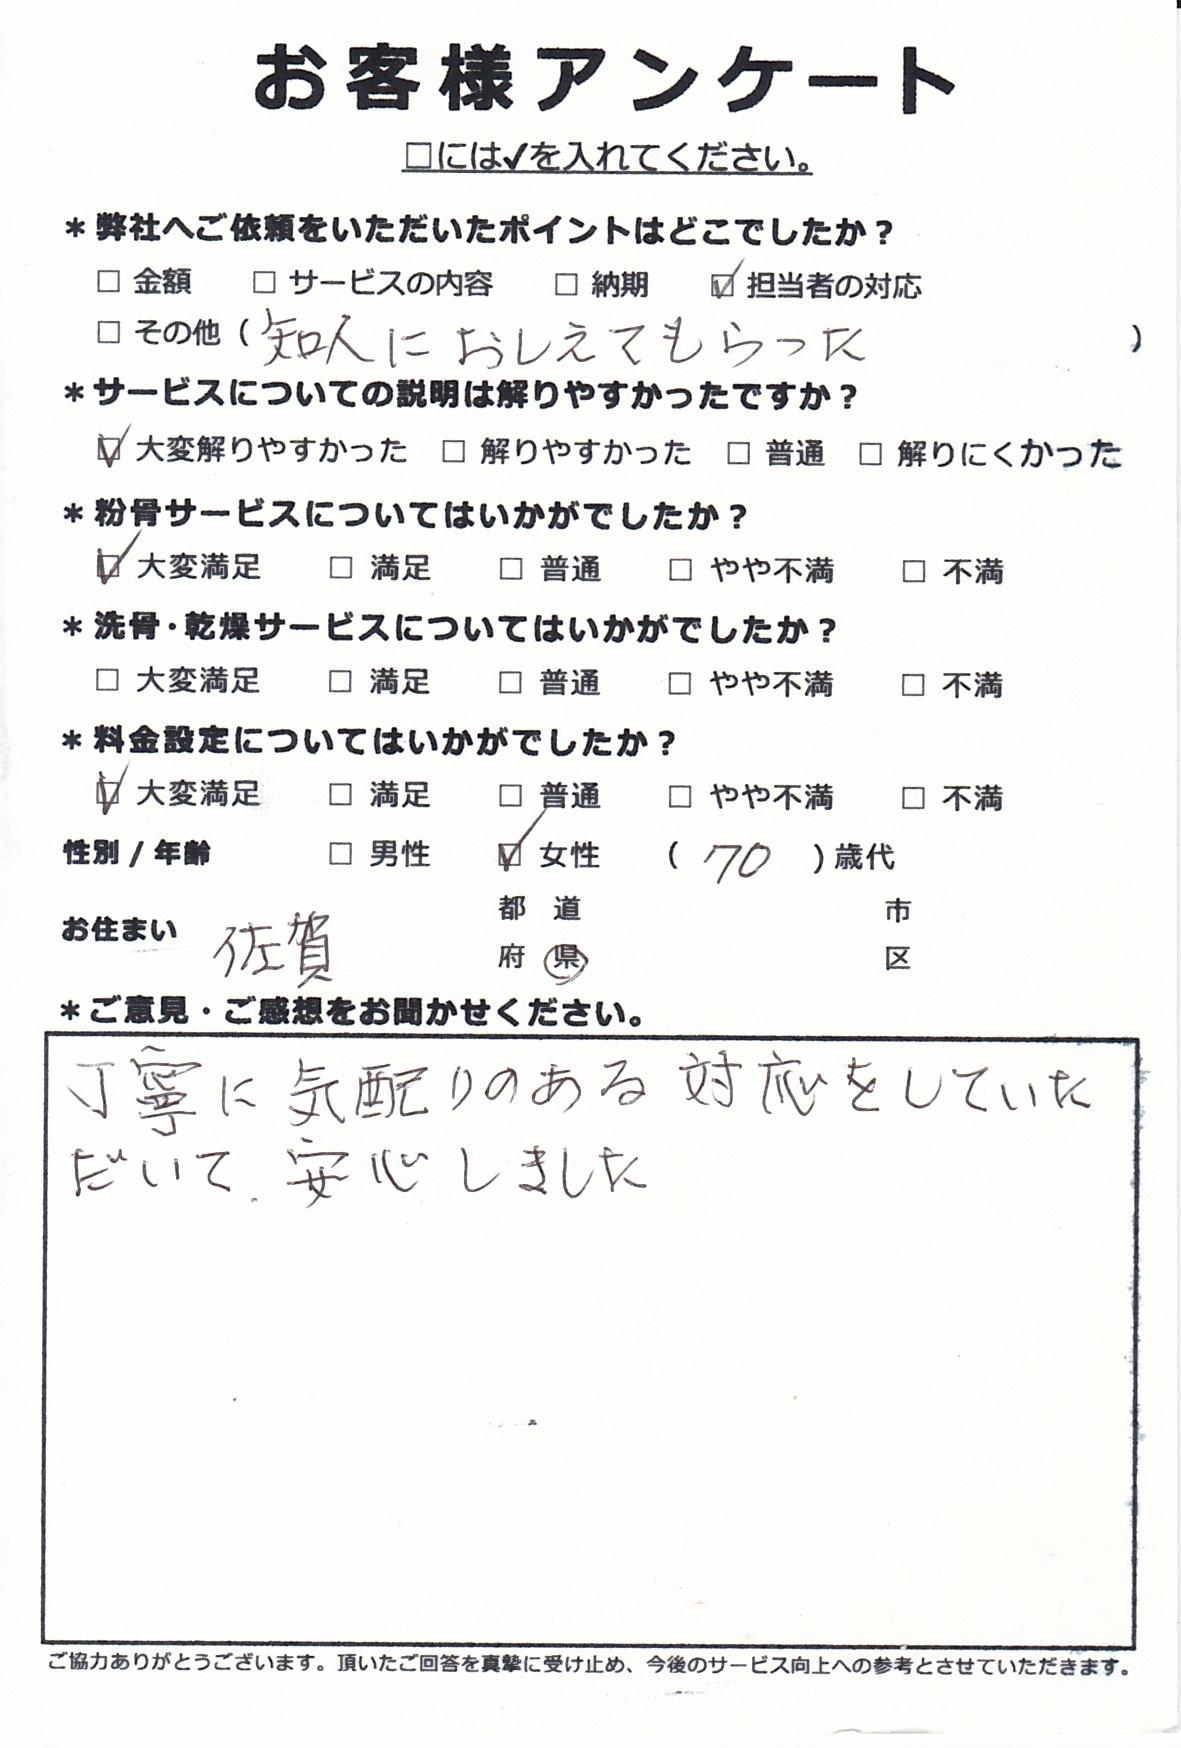 佐賀県の粉骨事例